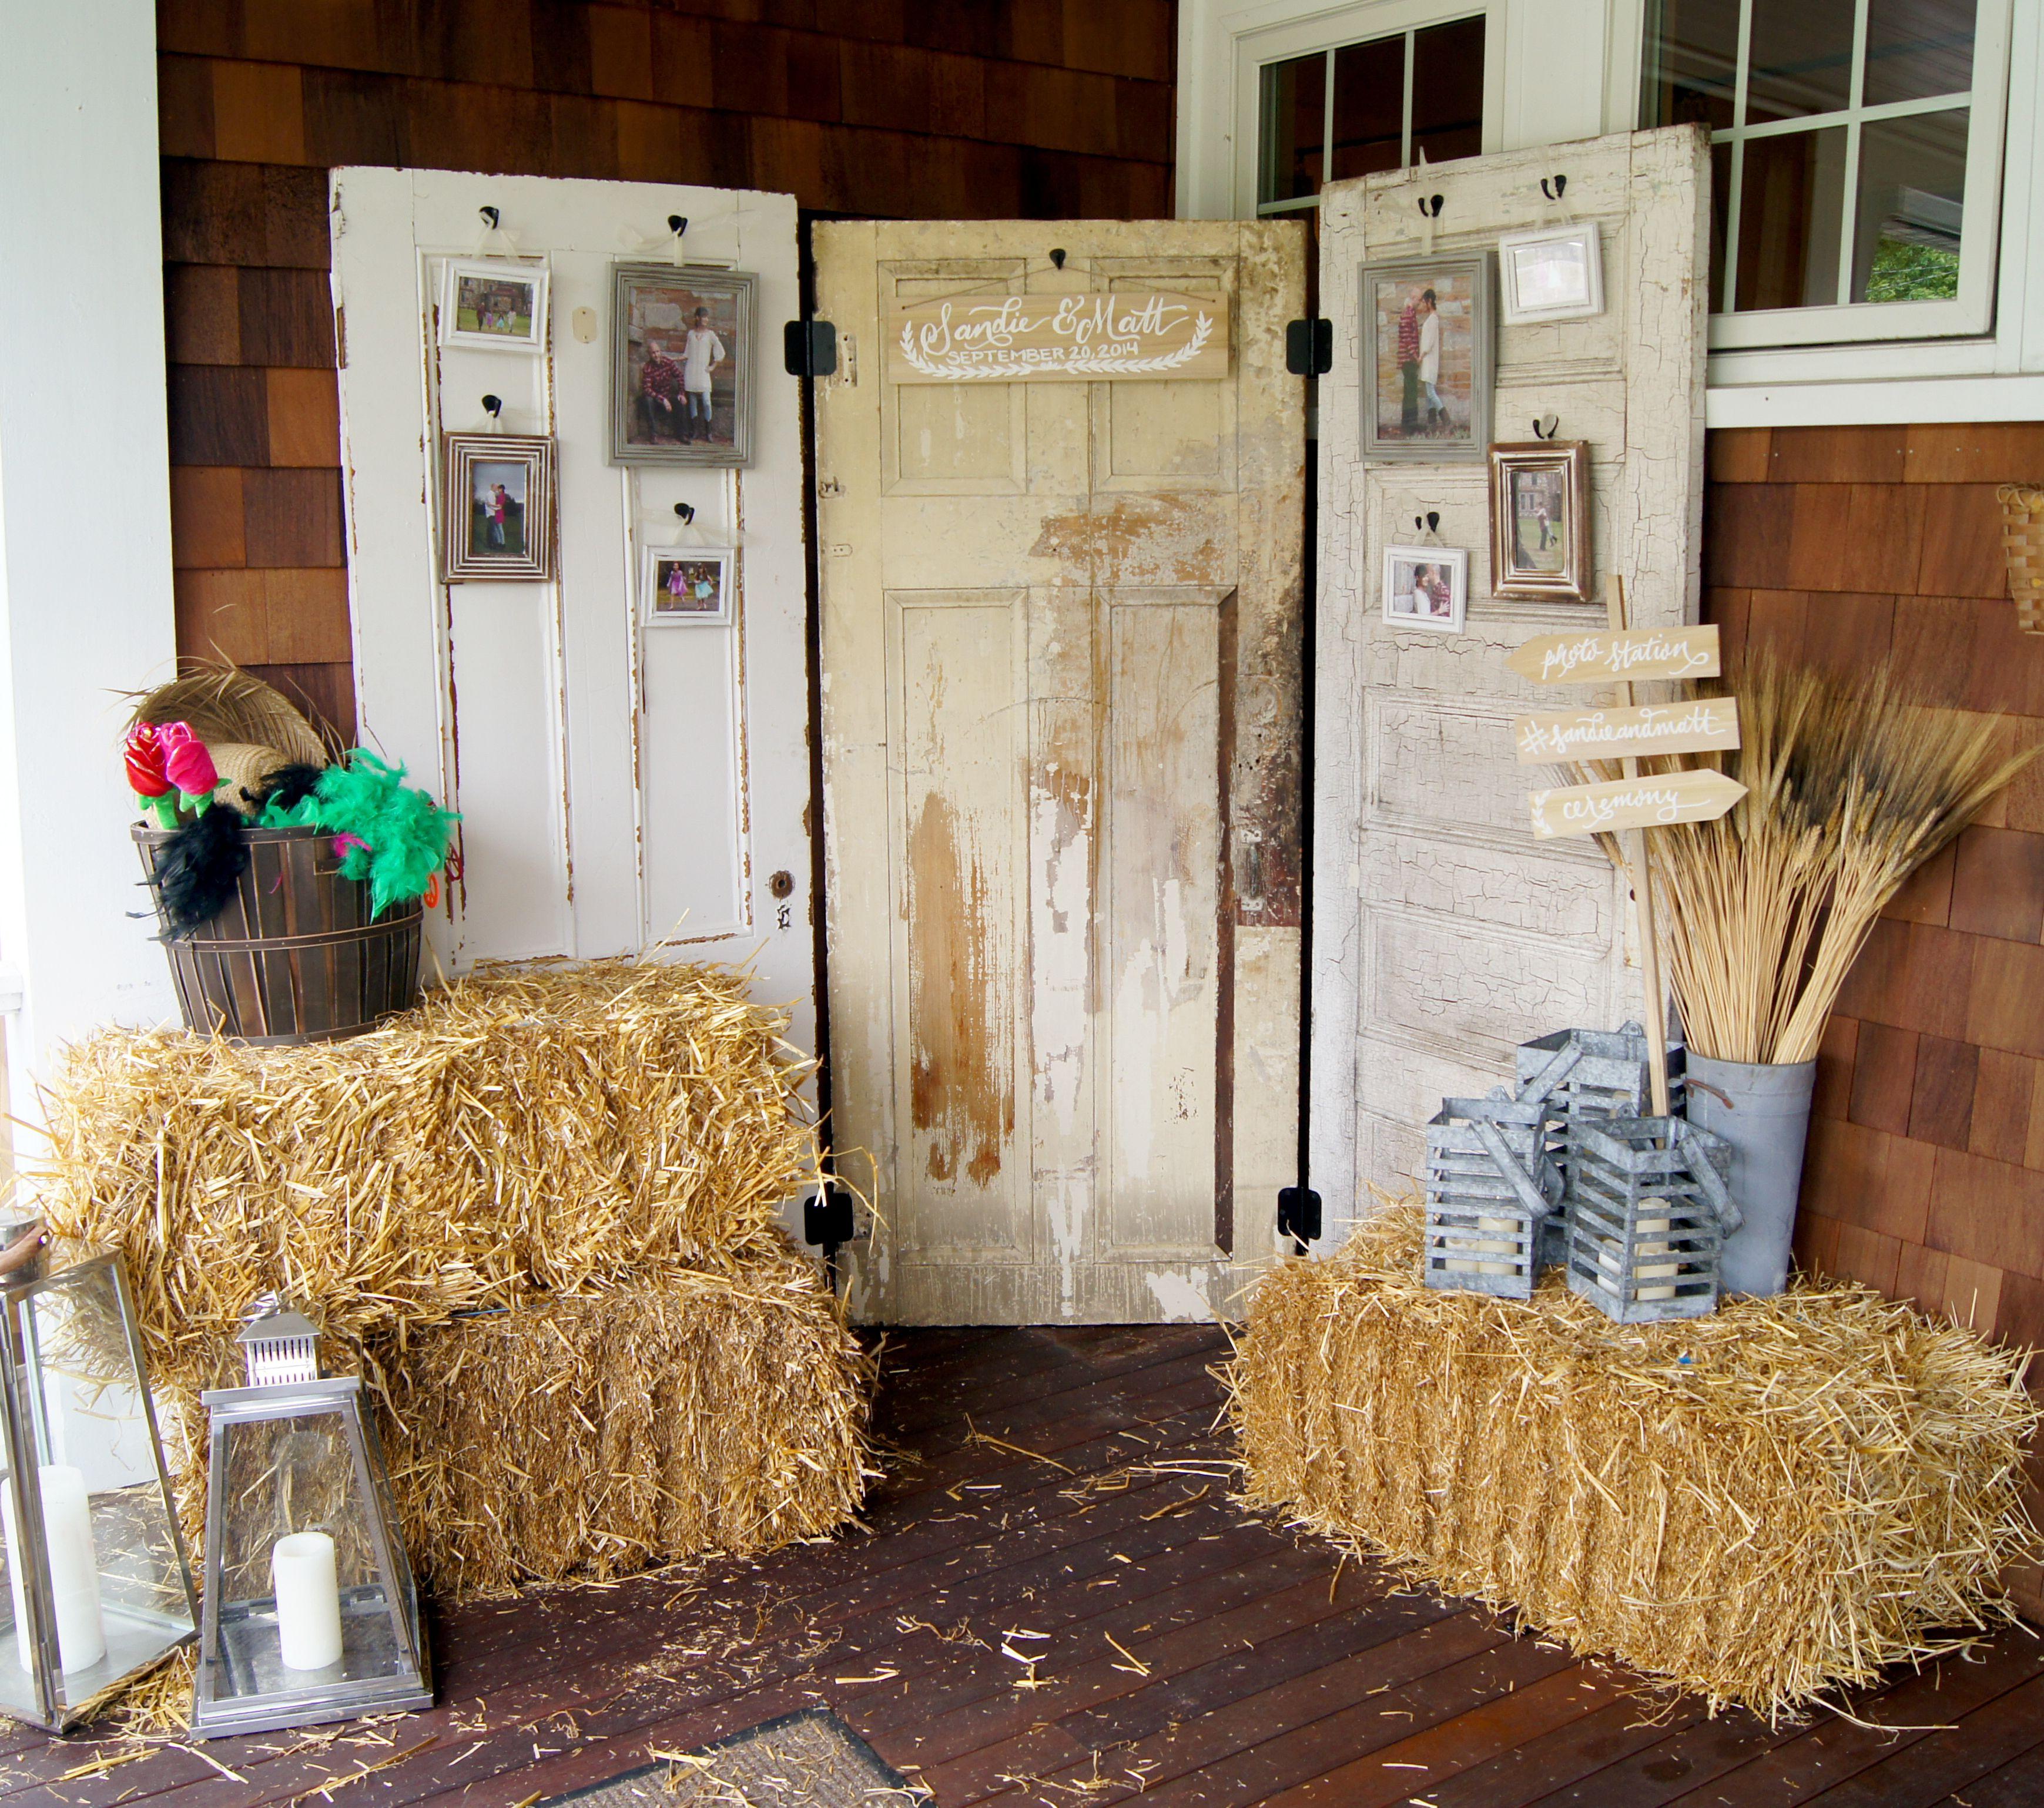 Rustic Door Wedding Ideas: Rustic Old Door Wedding Decor, Photo Backdrop, Peppers